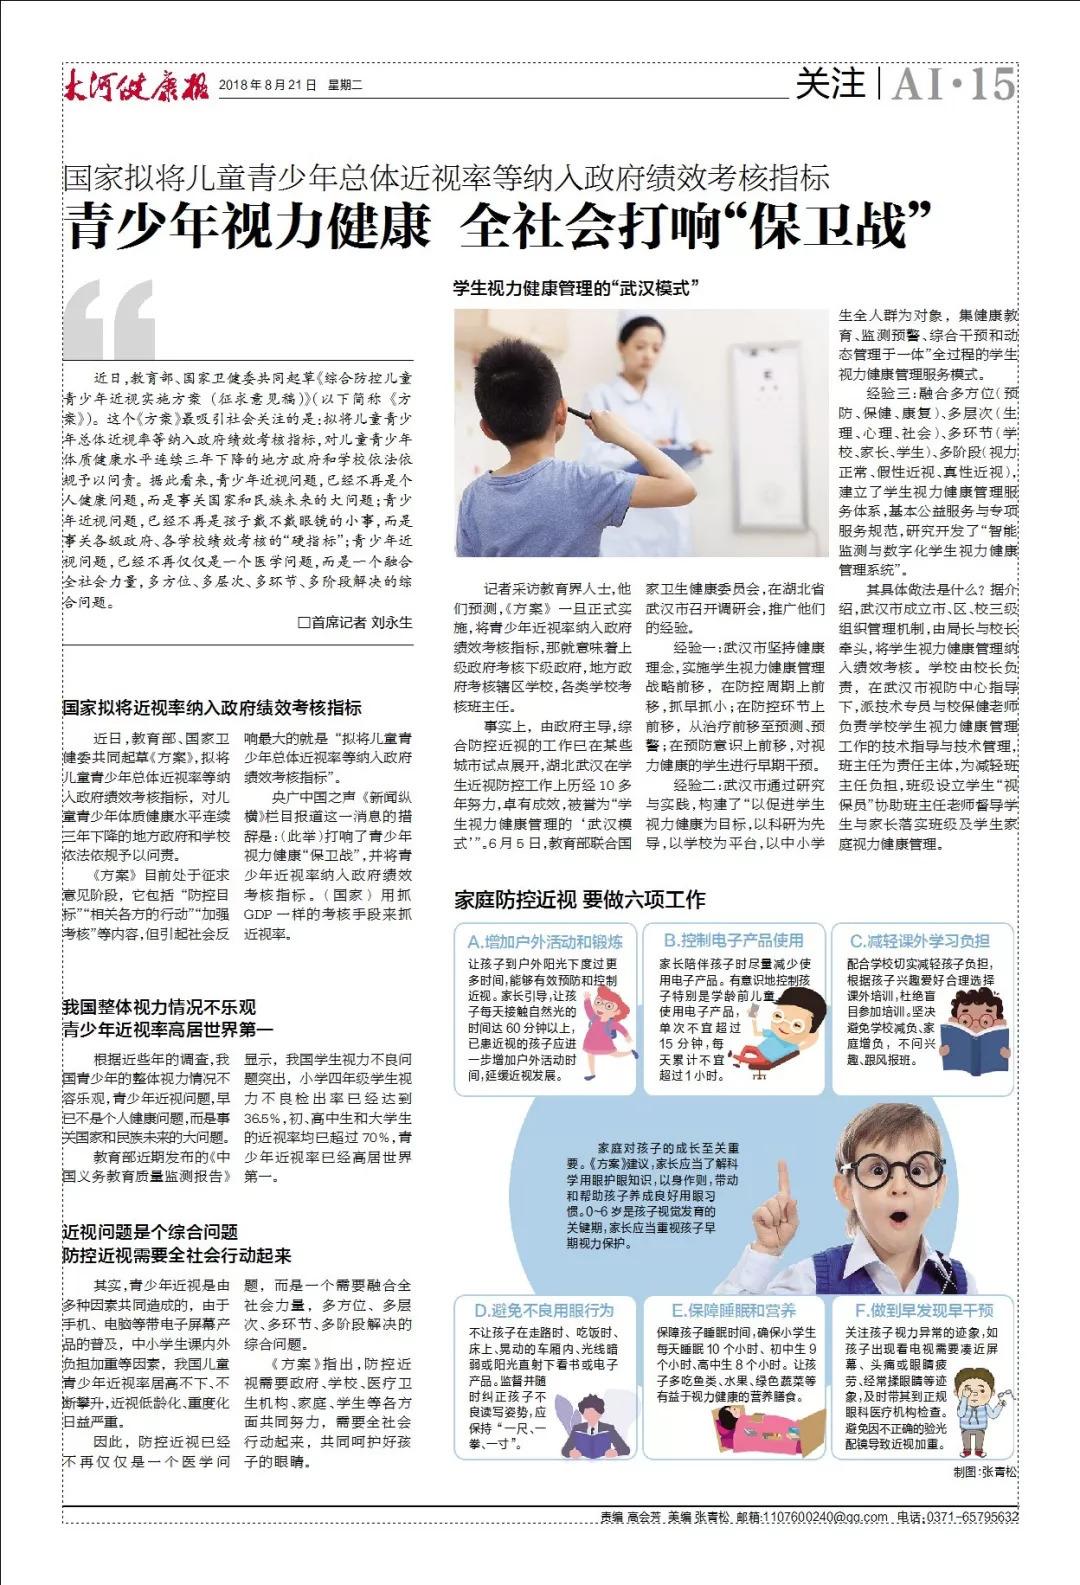 中国青少年近视率世界第一,电子产品是罪魁祸首